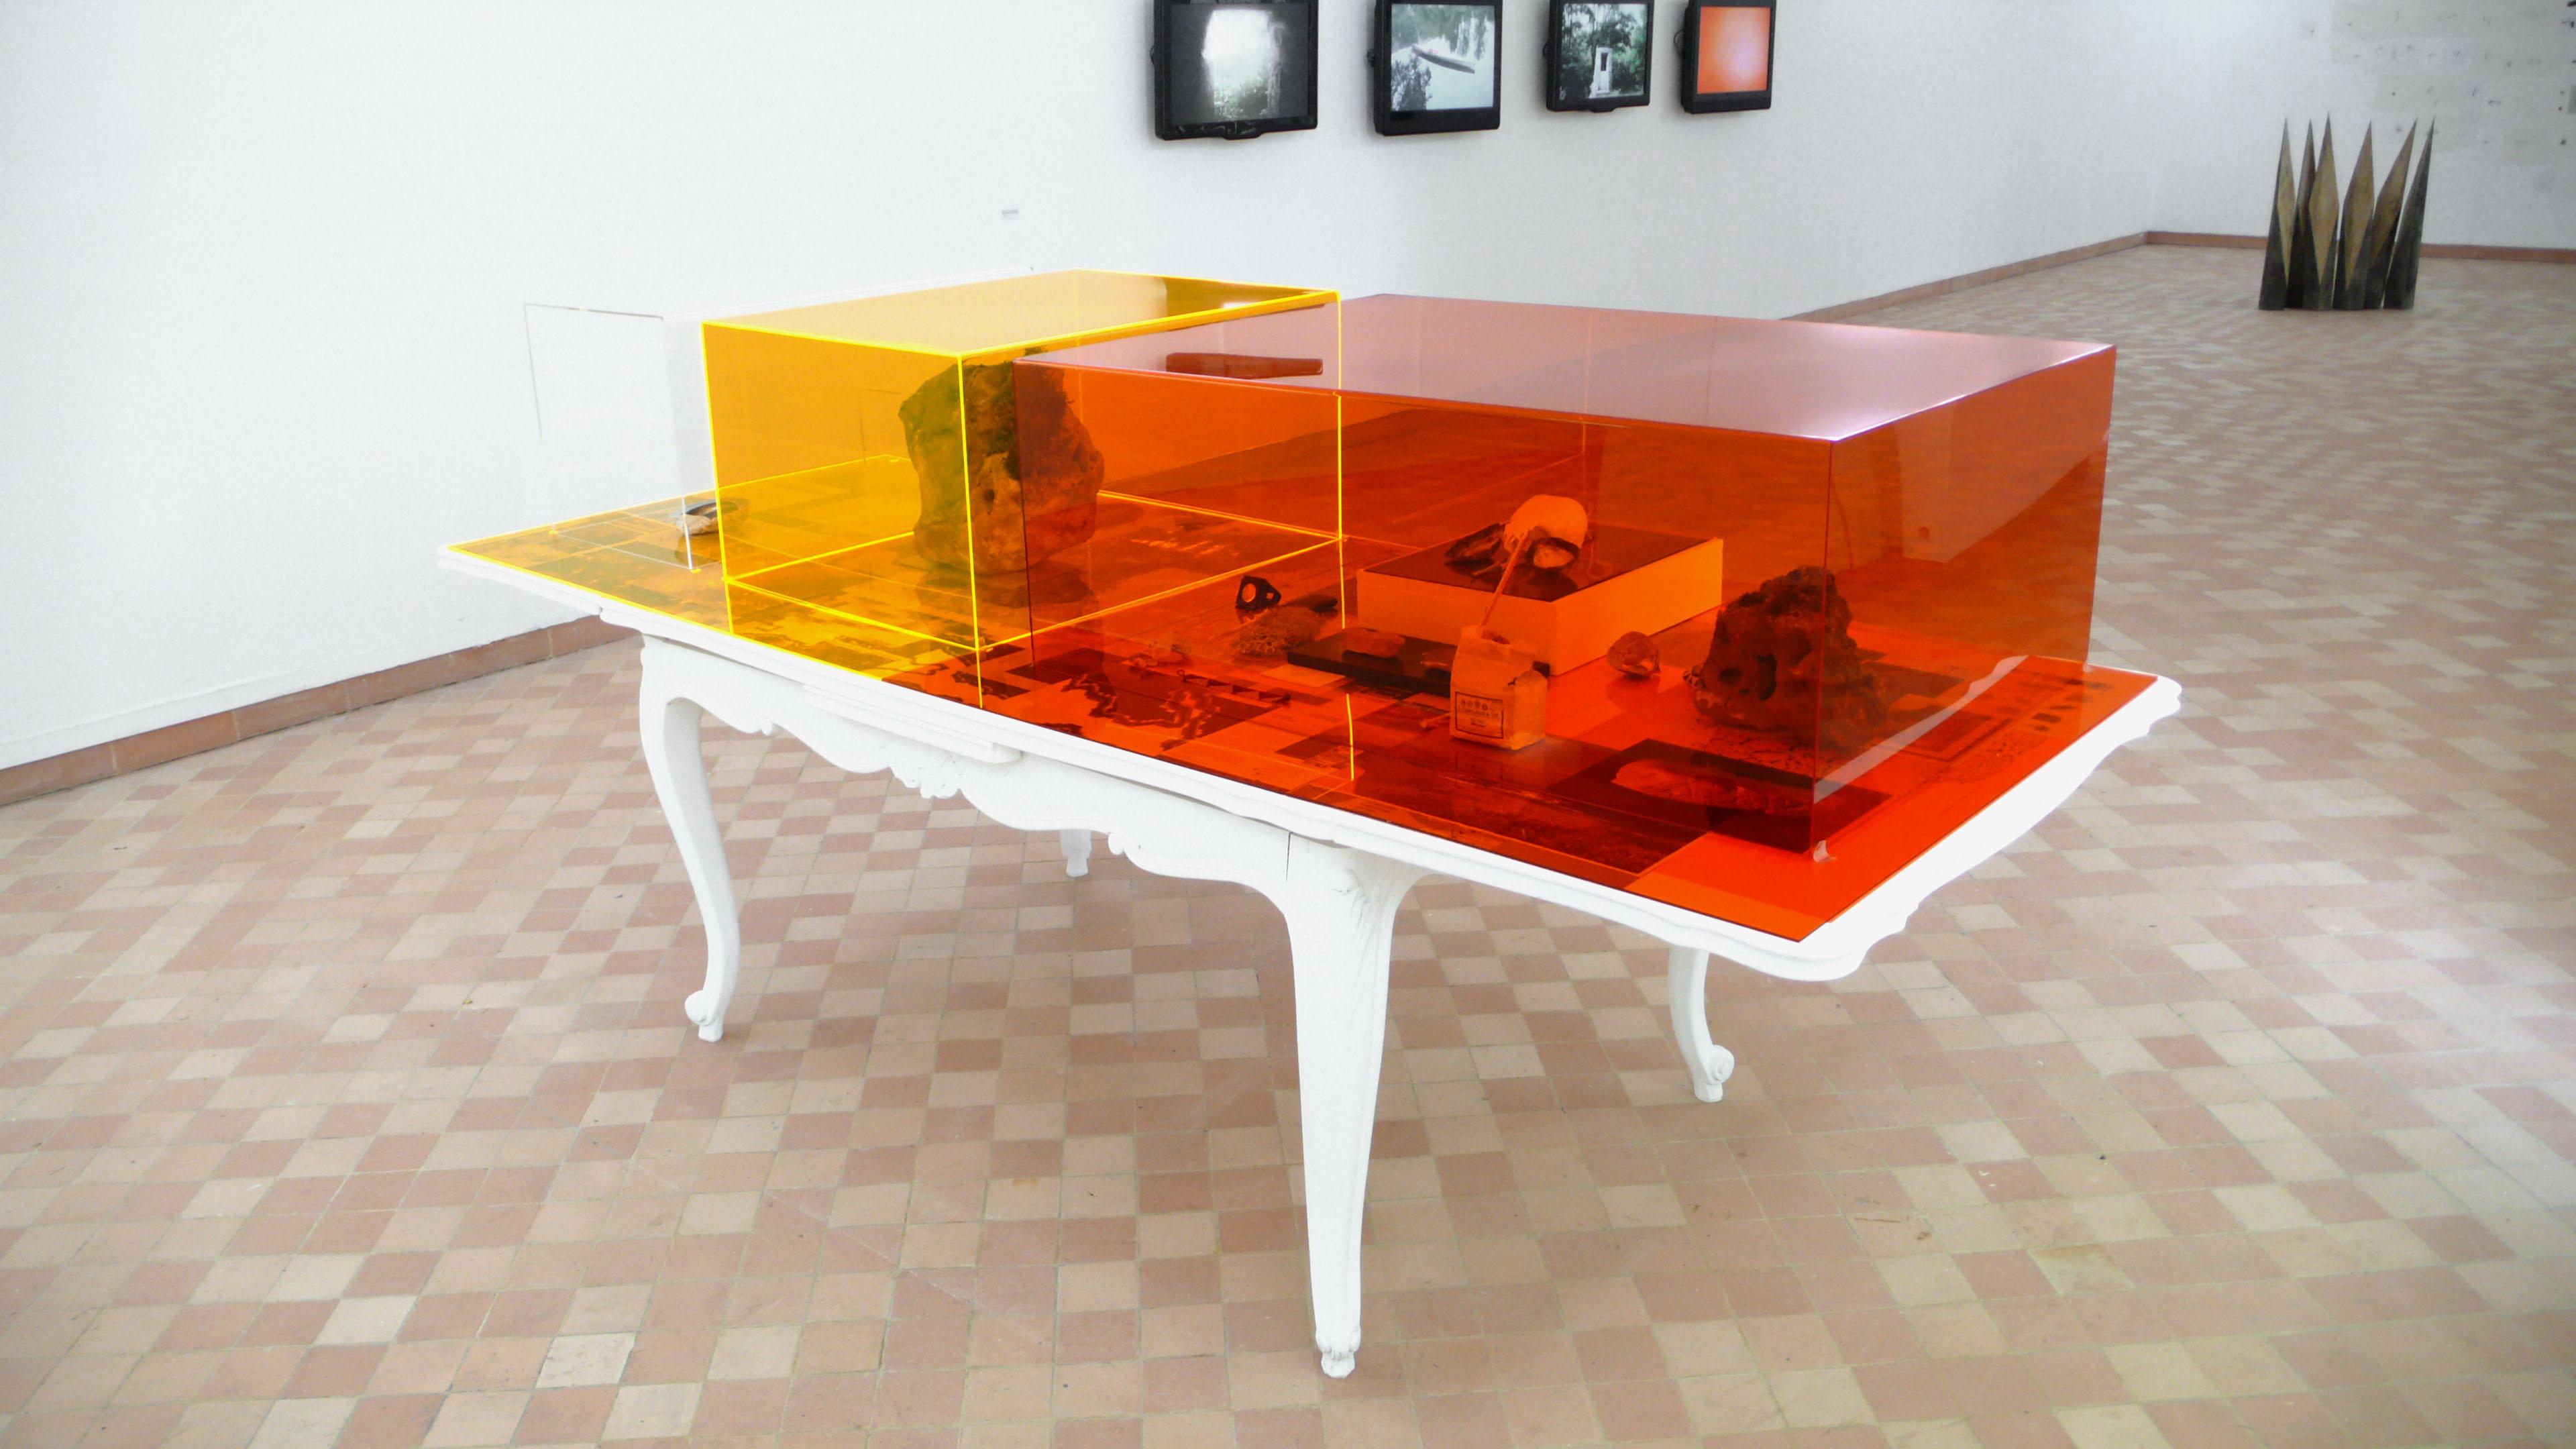 Transversal, installation. 2014. Laura Emsley